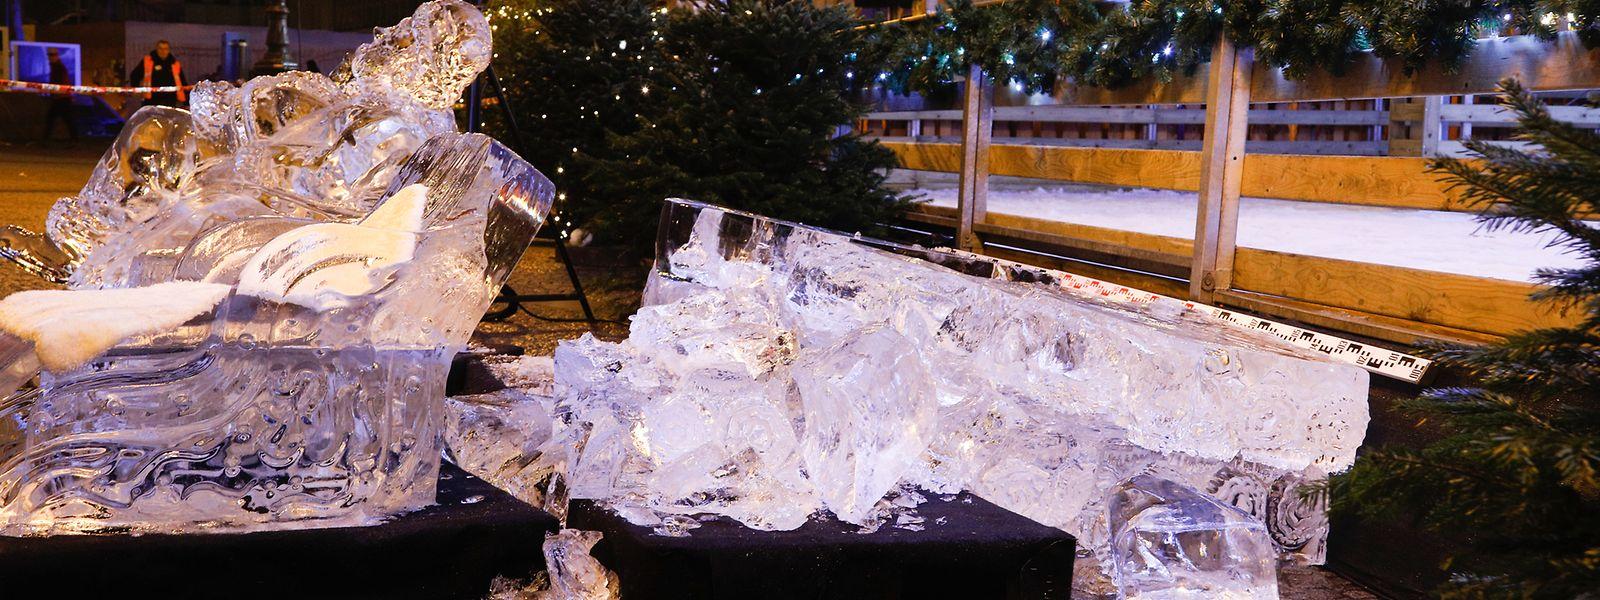 Die Skulptur aus massivem Eis hatte ein erhebliches Gewicht. Die Polizei sperrte die Eisbahn ab.